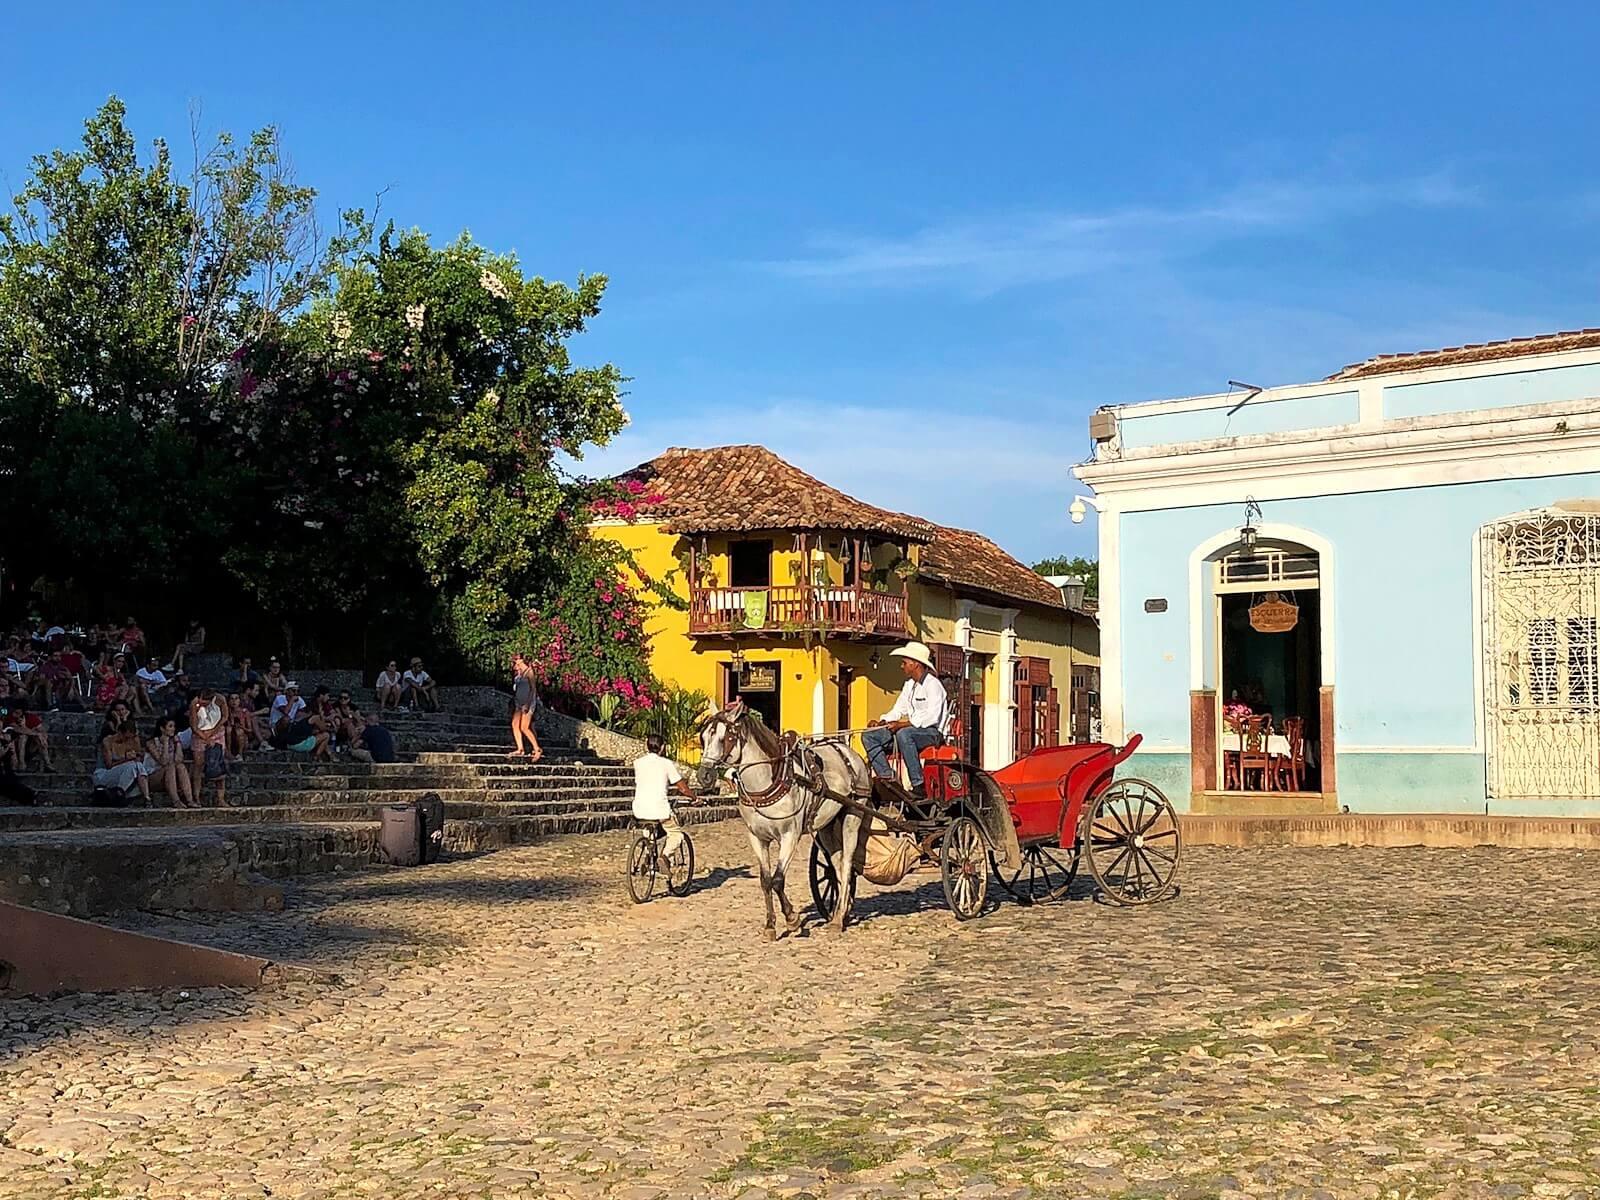 Trinidad - Een gezellige & kleurrijke stad met fotogenieke straatjes